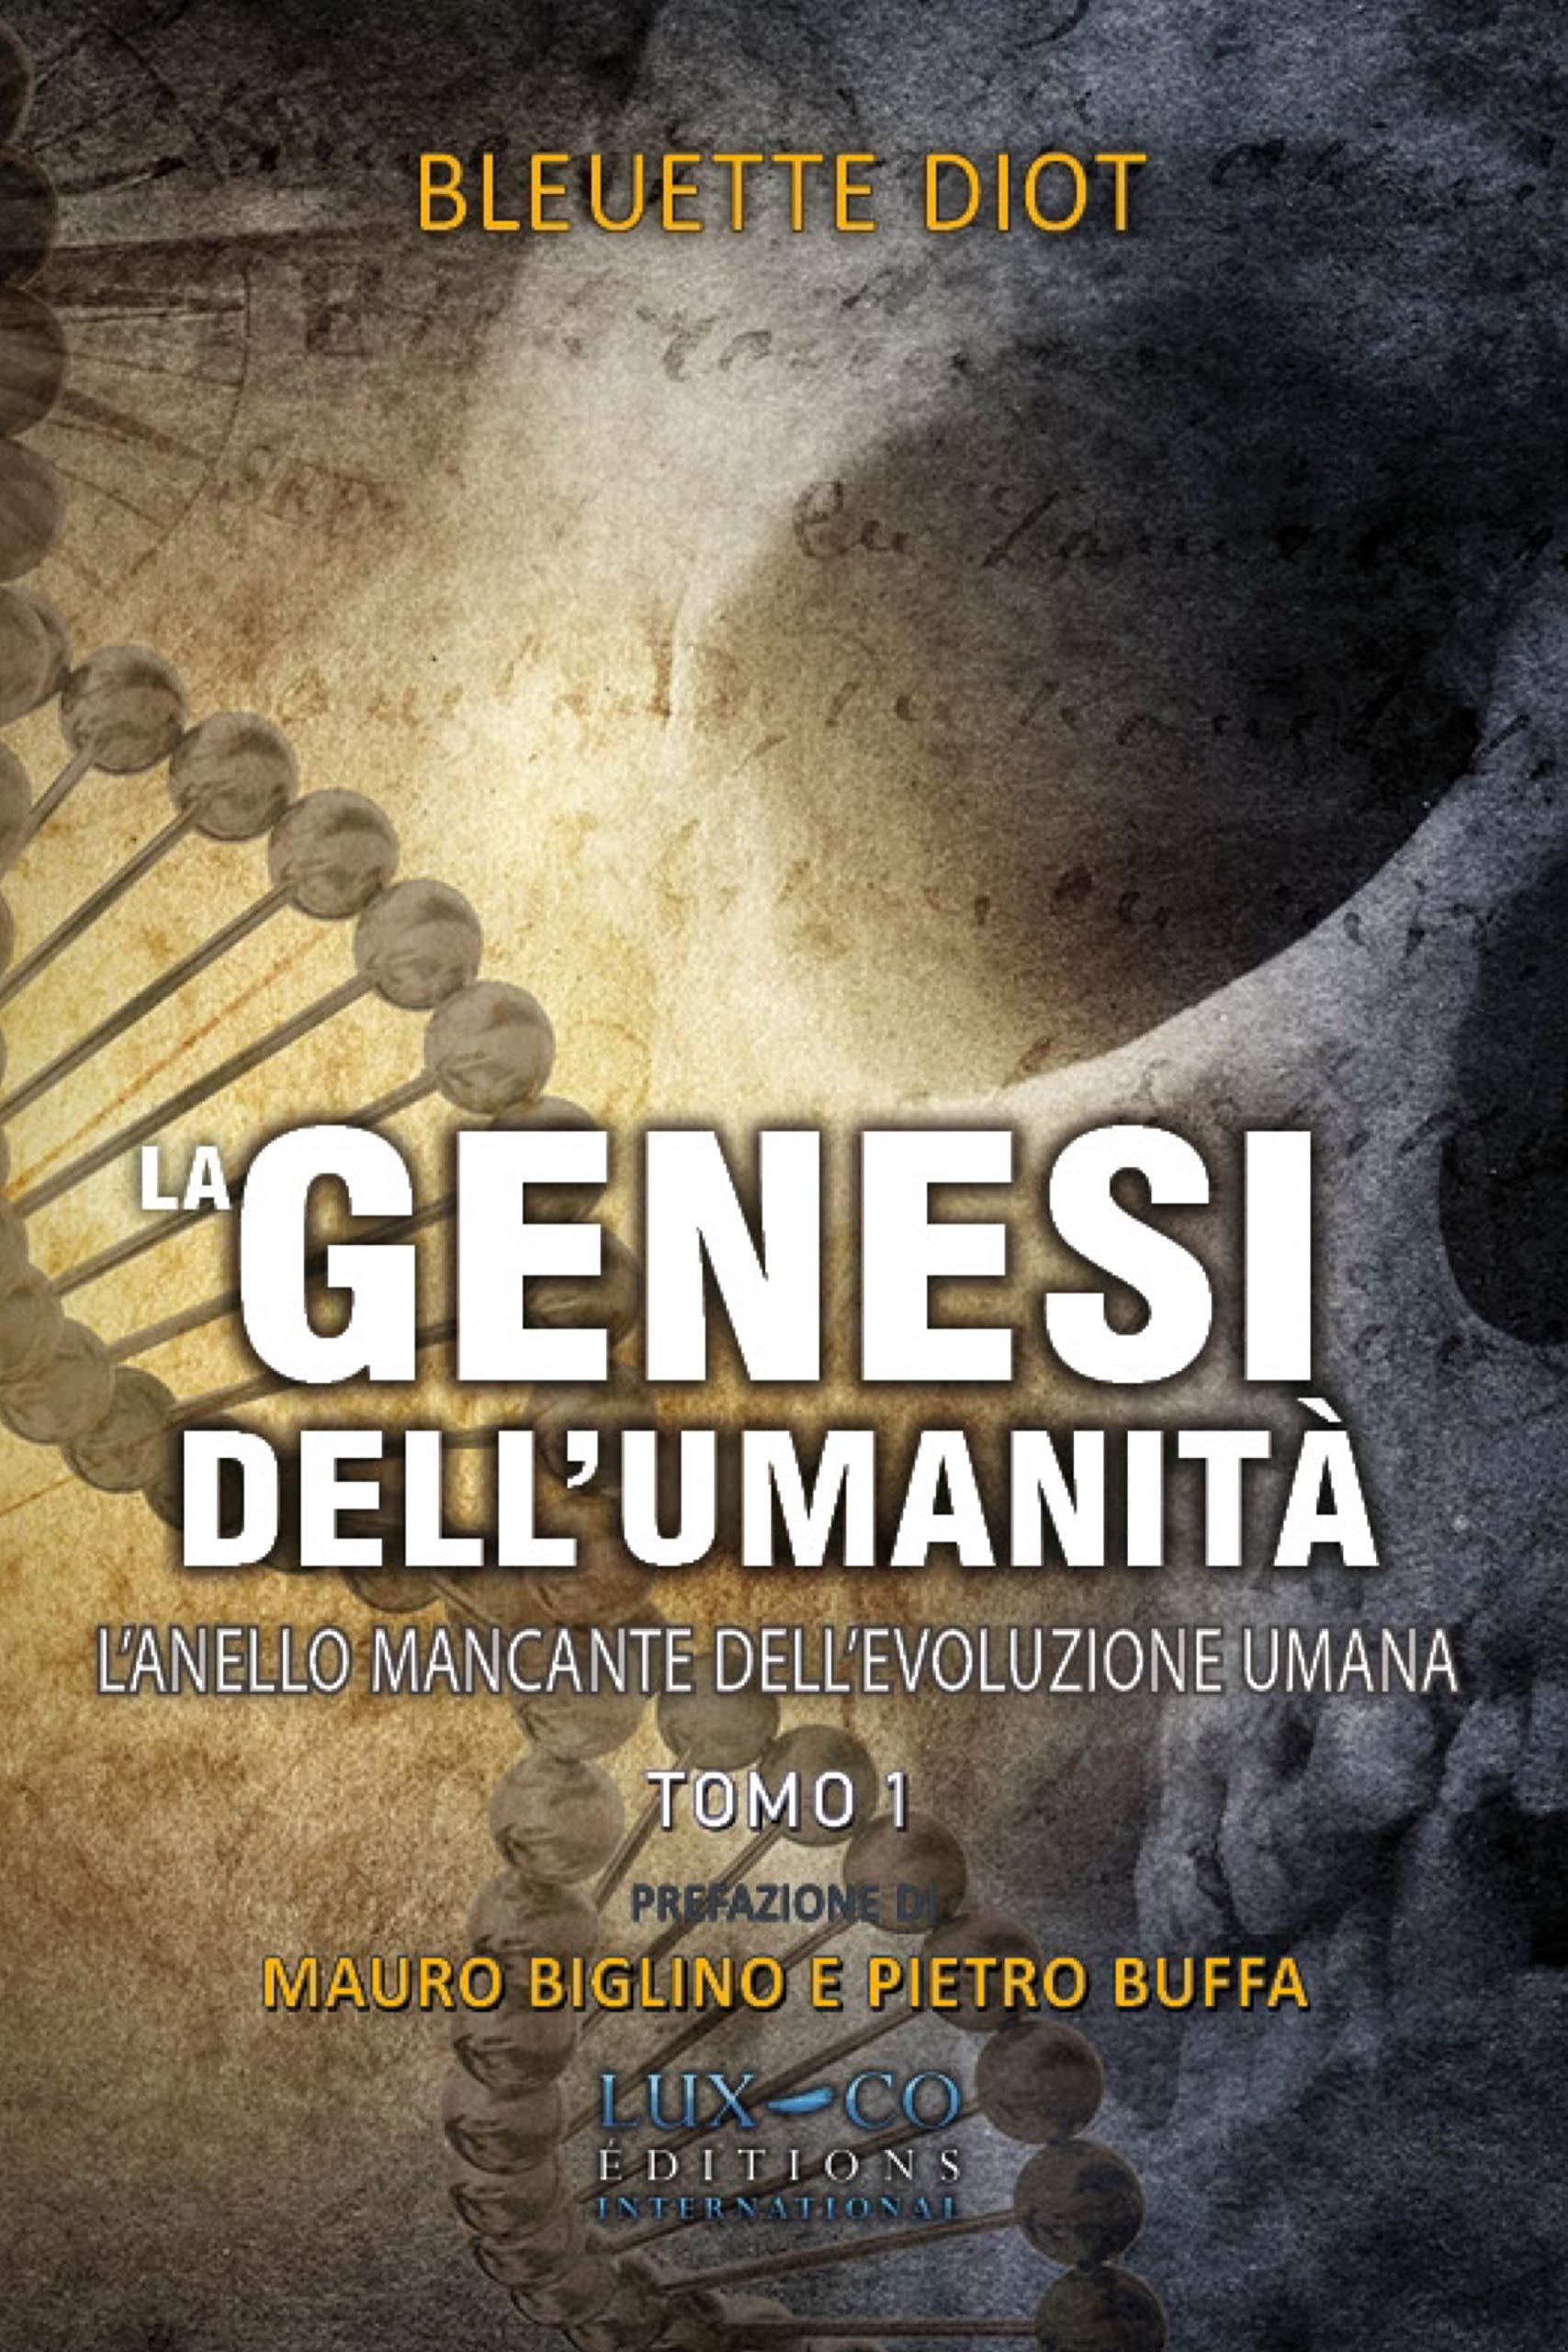 La genesi dell'umanità - Vol. 1